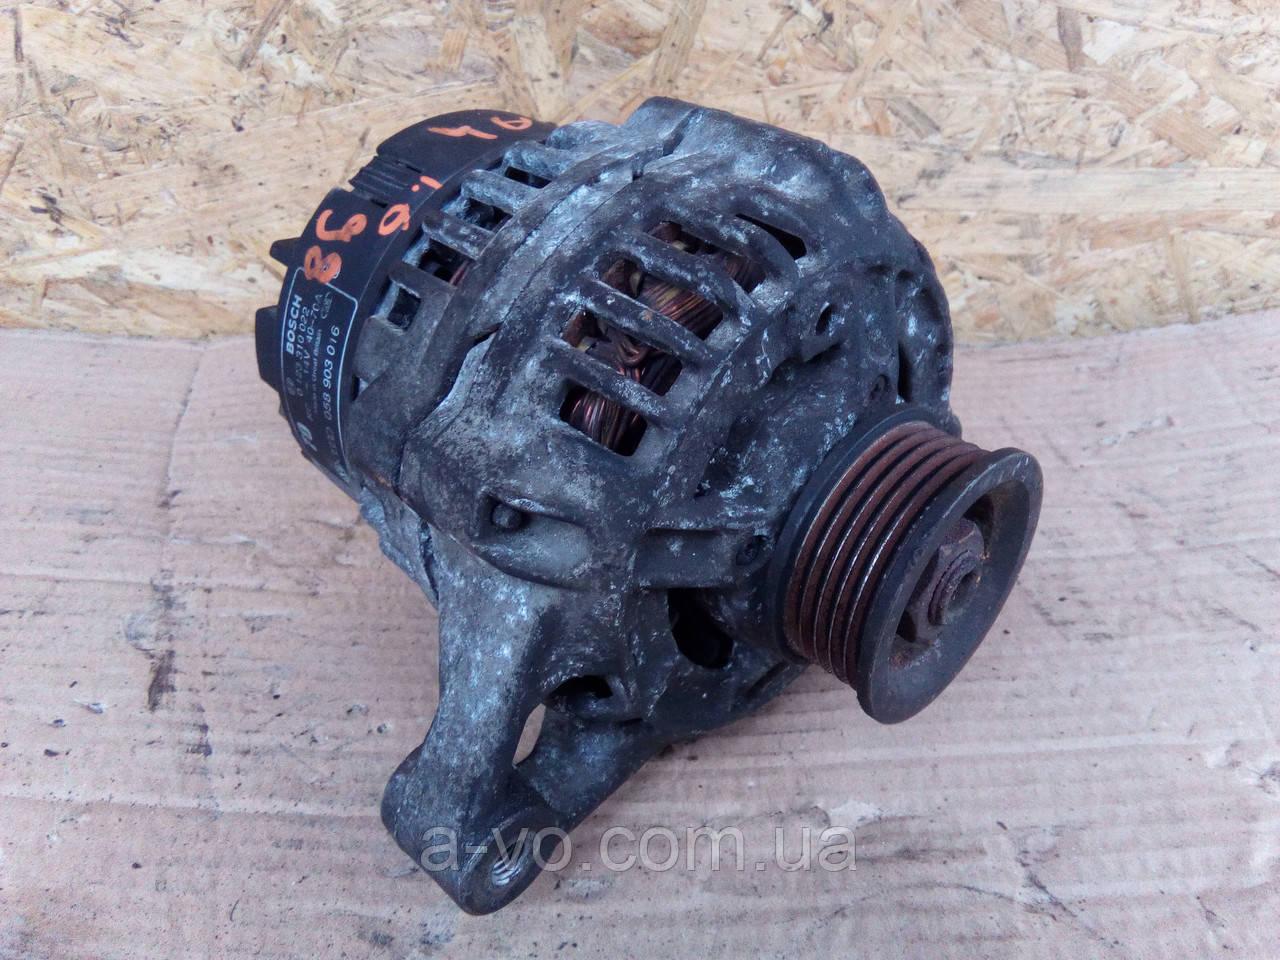 Генератор для Volkswagen Passat B5 Audi A4 B5 A6 C5 Skoda Felicia 2 1.3 1.6 1.8 Bosch 70A 0123310022 058903016